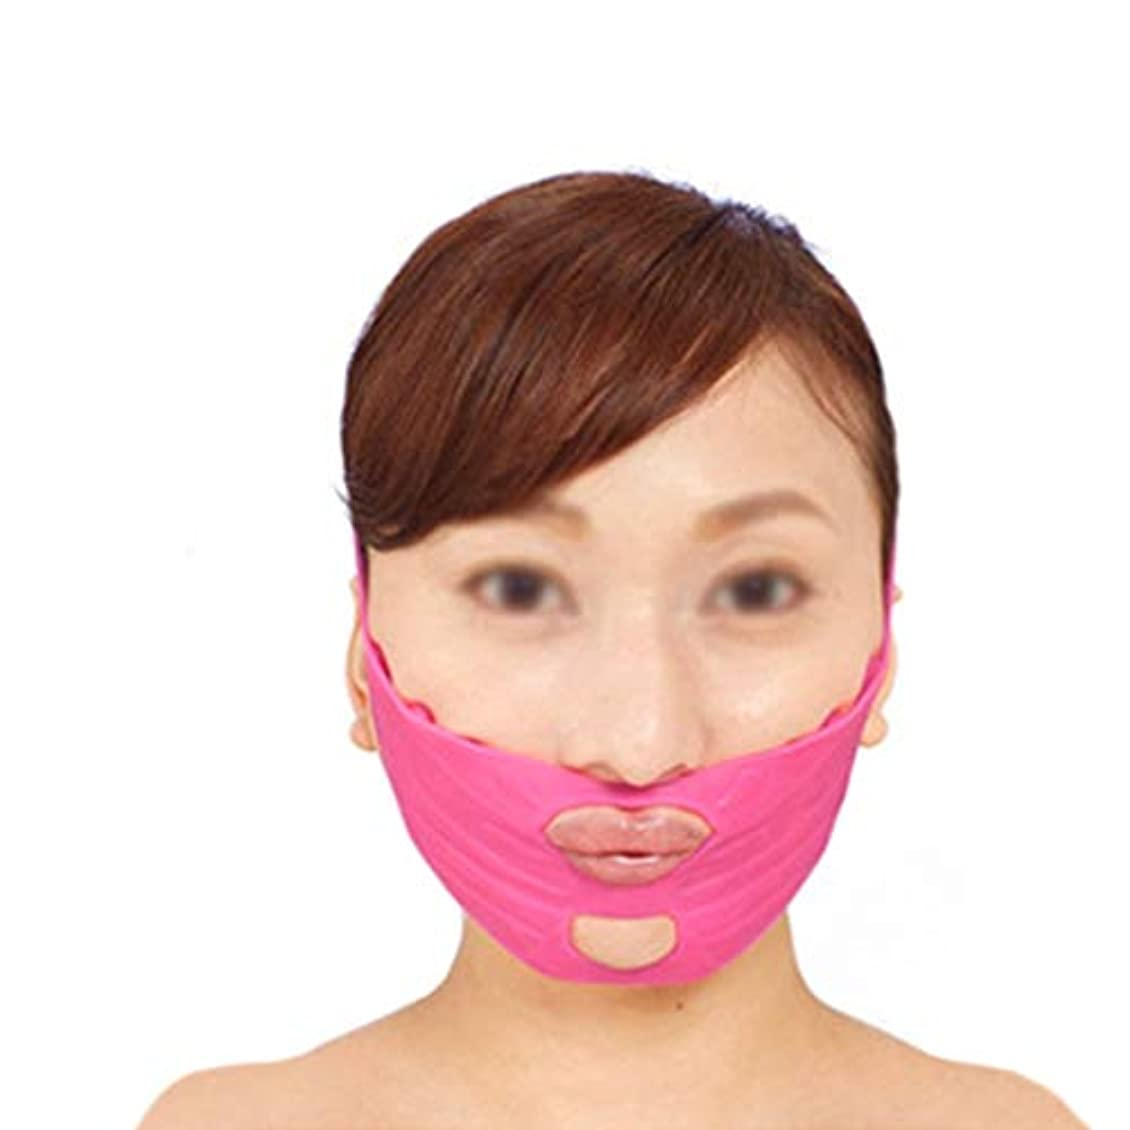 勝つブランデー上へXHLMRMJ フェイスストラップ付きマスク、プルアップフェイスマスク、フェイスリフティングマスク、フェイス締め付け包帯、フェイスリフティング包帯、フェイスバンドを持ち上げて二重あごを減らす(ピンク、ワンサイズ)